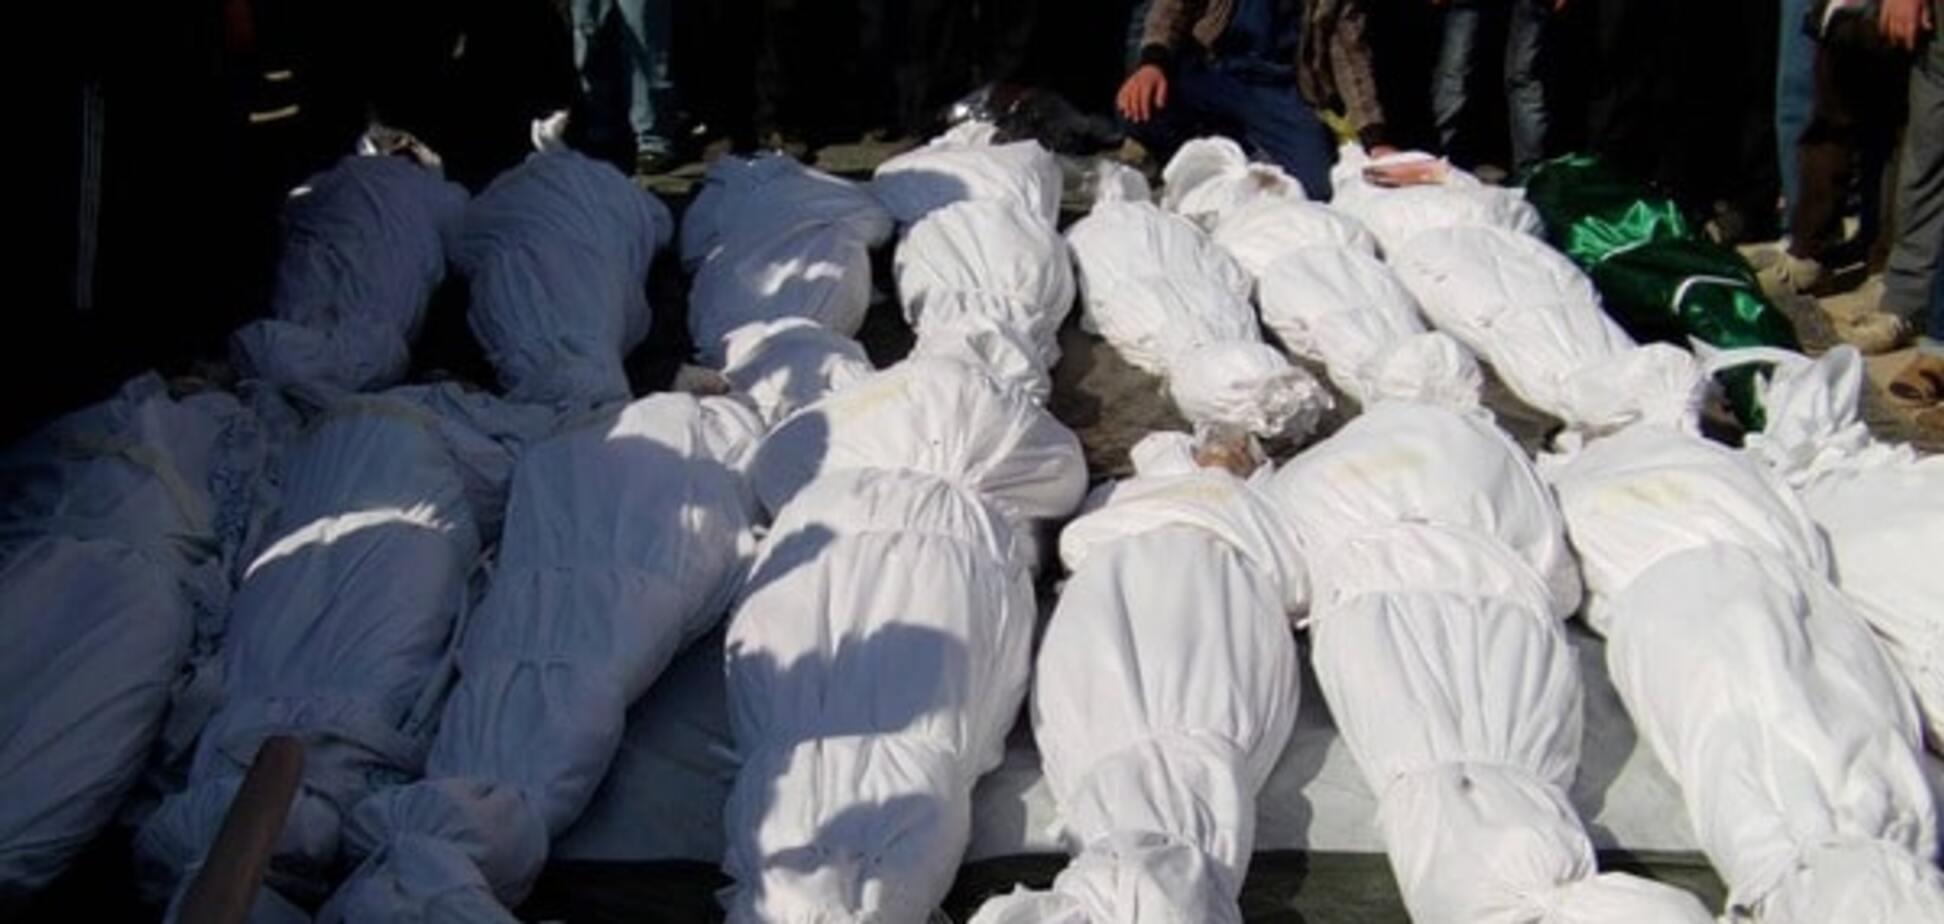 Сотни погибших детей: опубликованы результаты российских авиаударов по Сирии